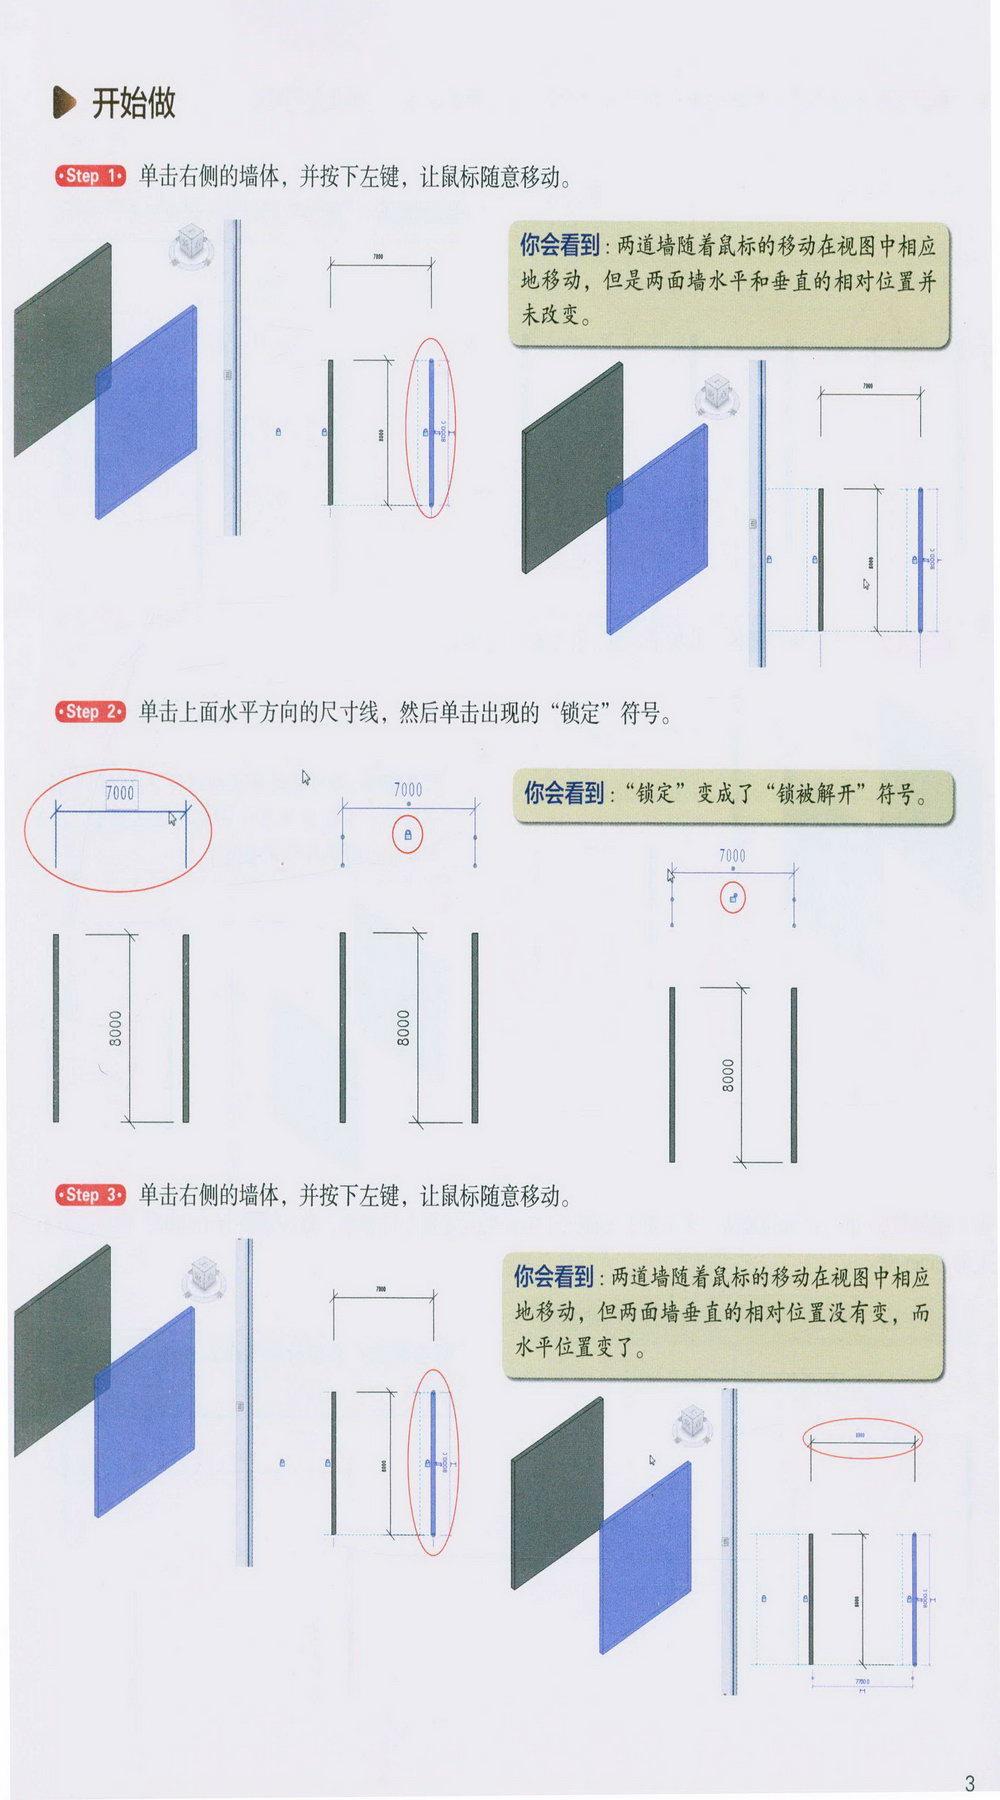 http://im1.book.com.tw/image/getImage?i=http://www.books.com.tw/img/CN1/140/46/CN11404623_b_02.jpg&v=5894eb5d&w=655&h=609